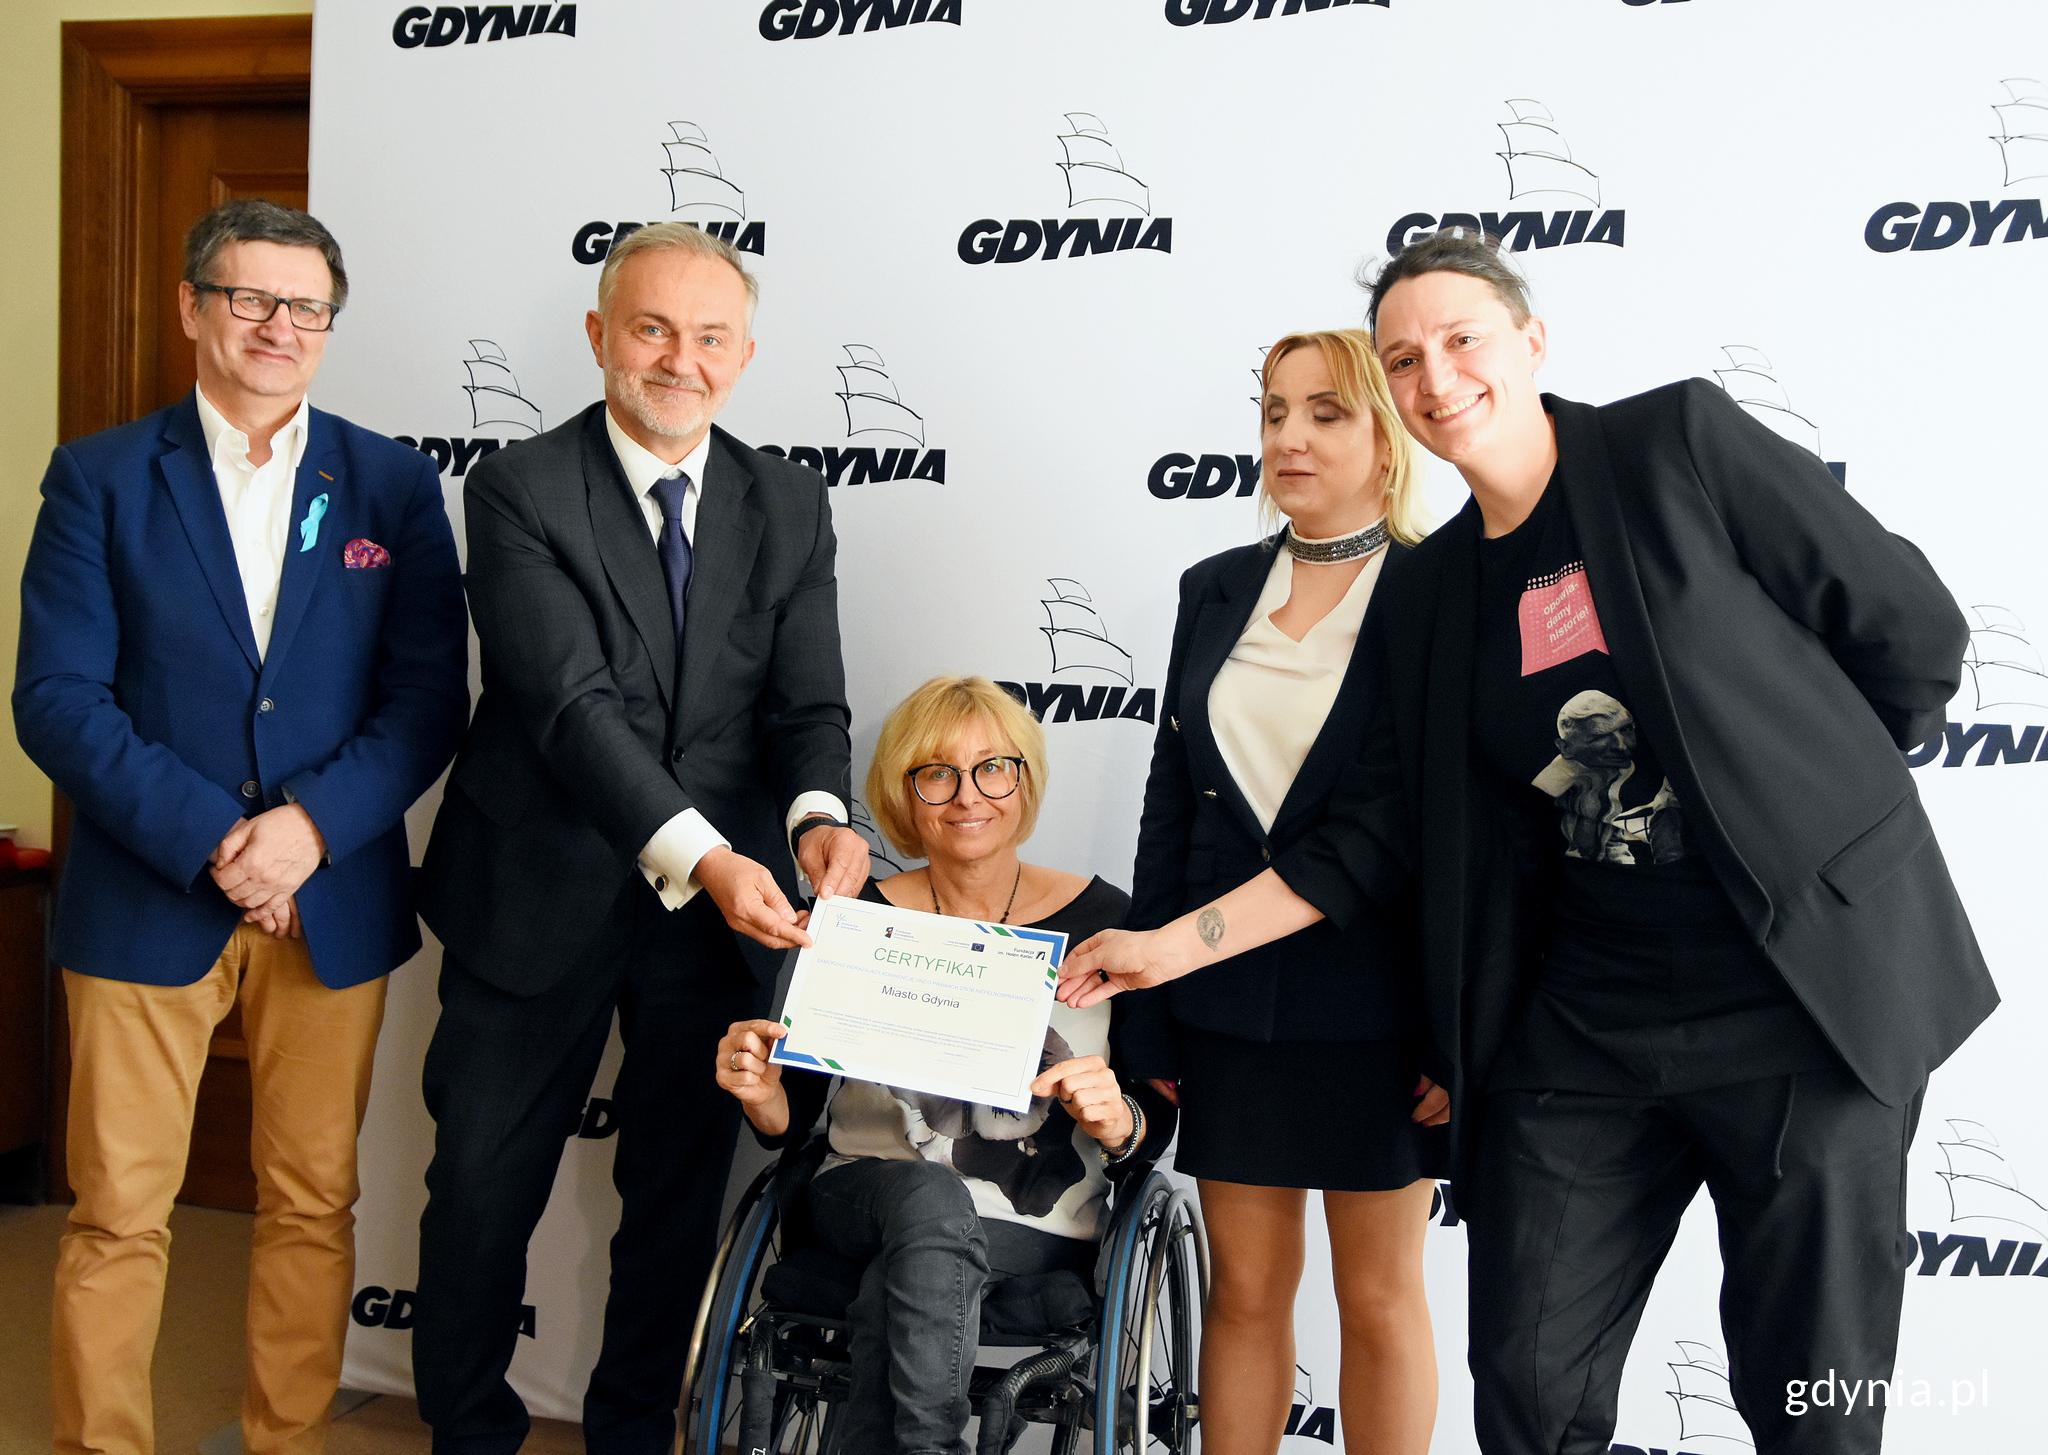 Certyfikat jest potwierdzeniem, że gdyńskie działania na rzecz dostępności i osób z niepełnosprawnością przynoszą wymierne efekty, fot. Kamil Złoch